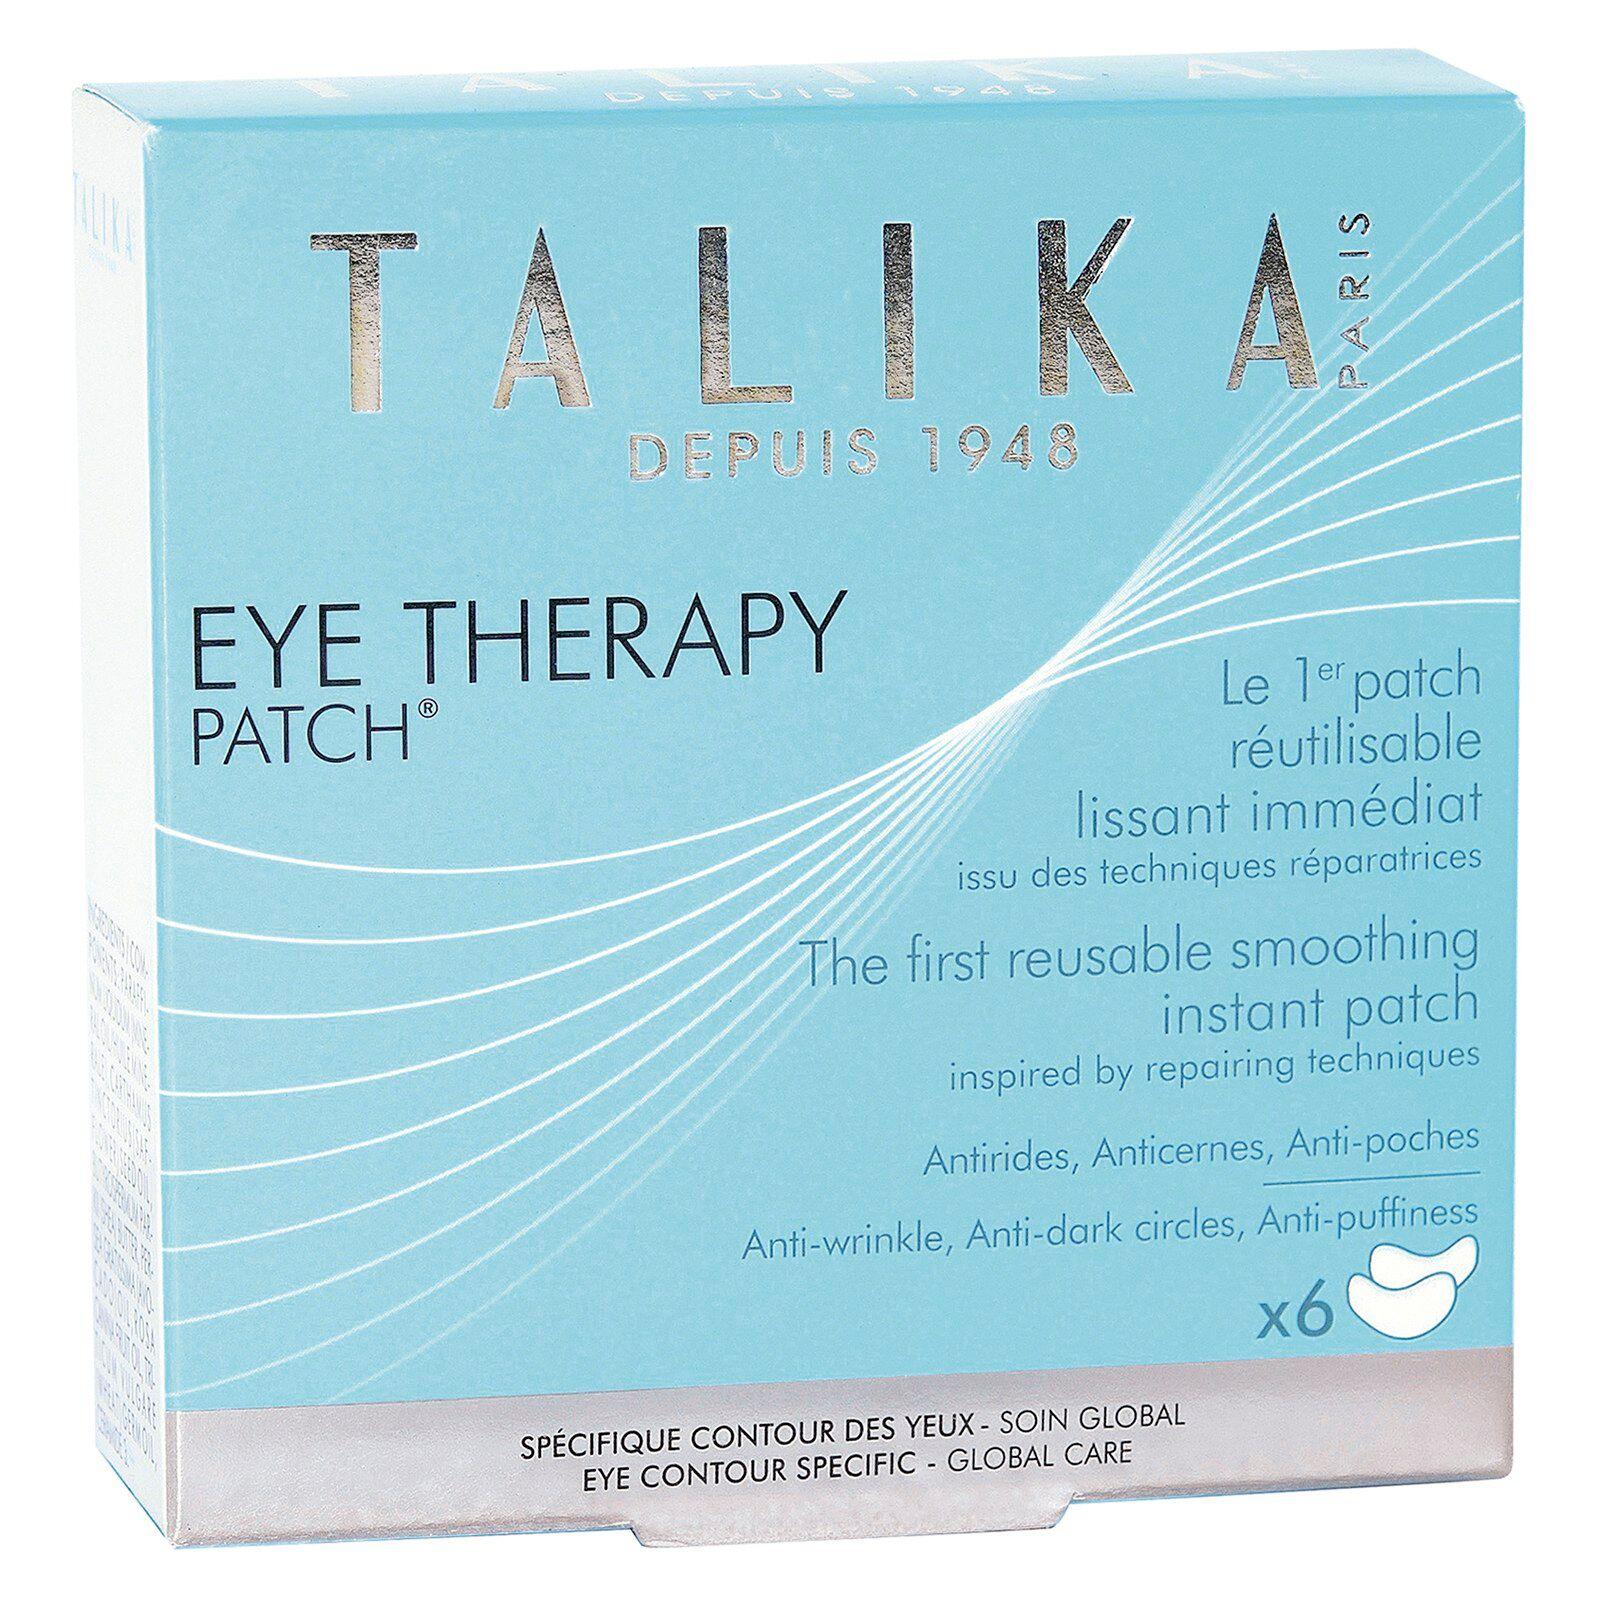 Talika Parches efecto alisado Eye Therapy de Talika - Recambios (6 parches)